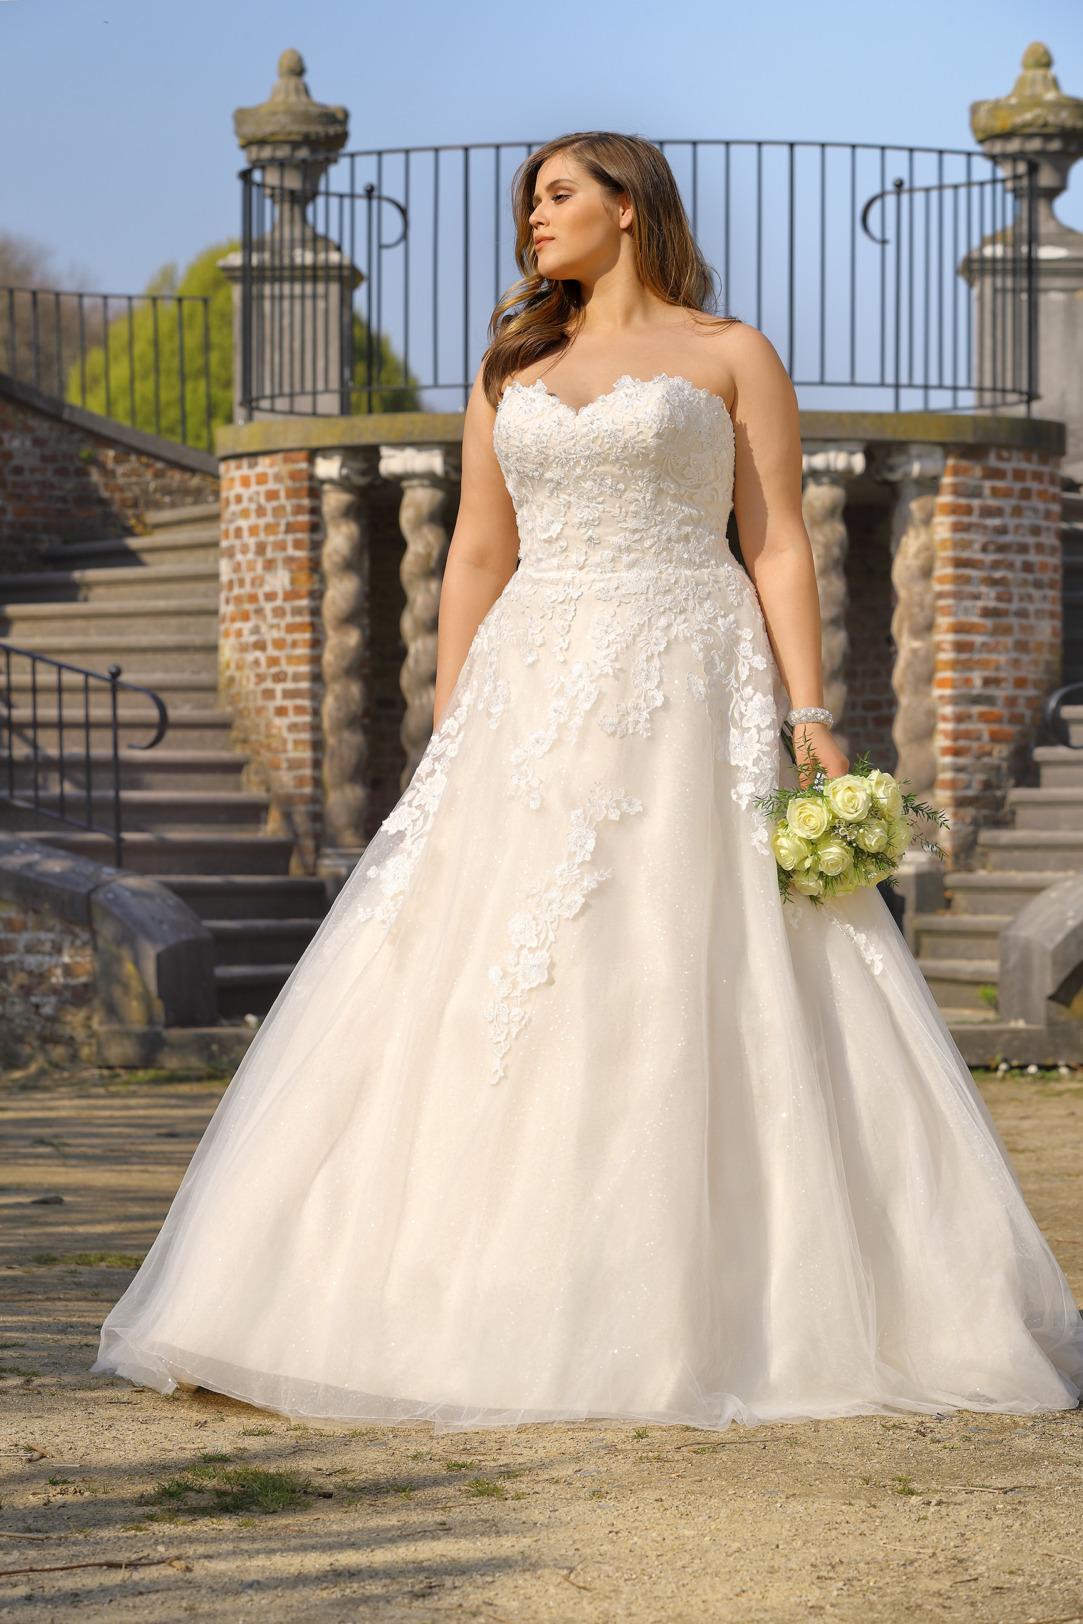 Brautkleider Hochzeitskleider Mode A Linie Ladybird Corsage trägerlos Spitze grosse Grösse plus size Rock mit Schleppe Ansicht vorne